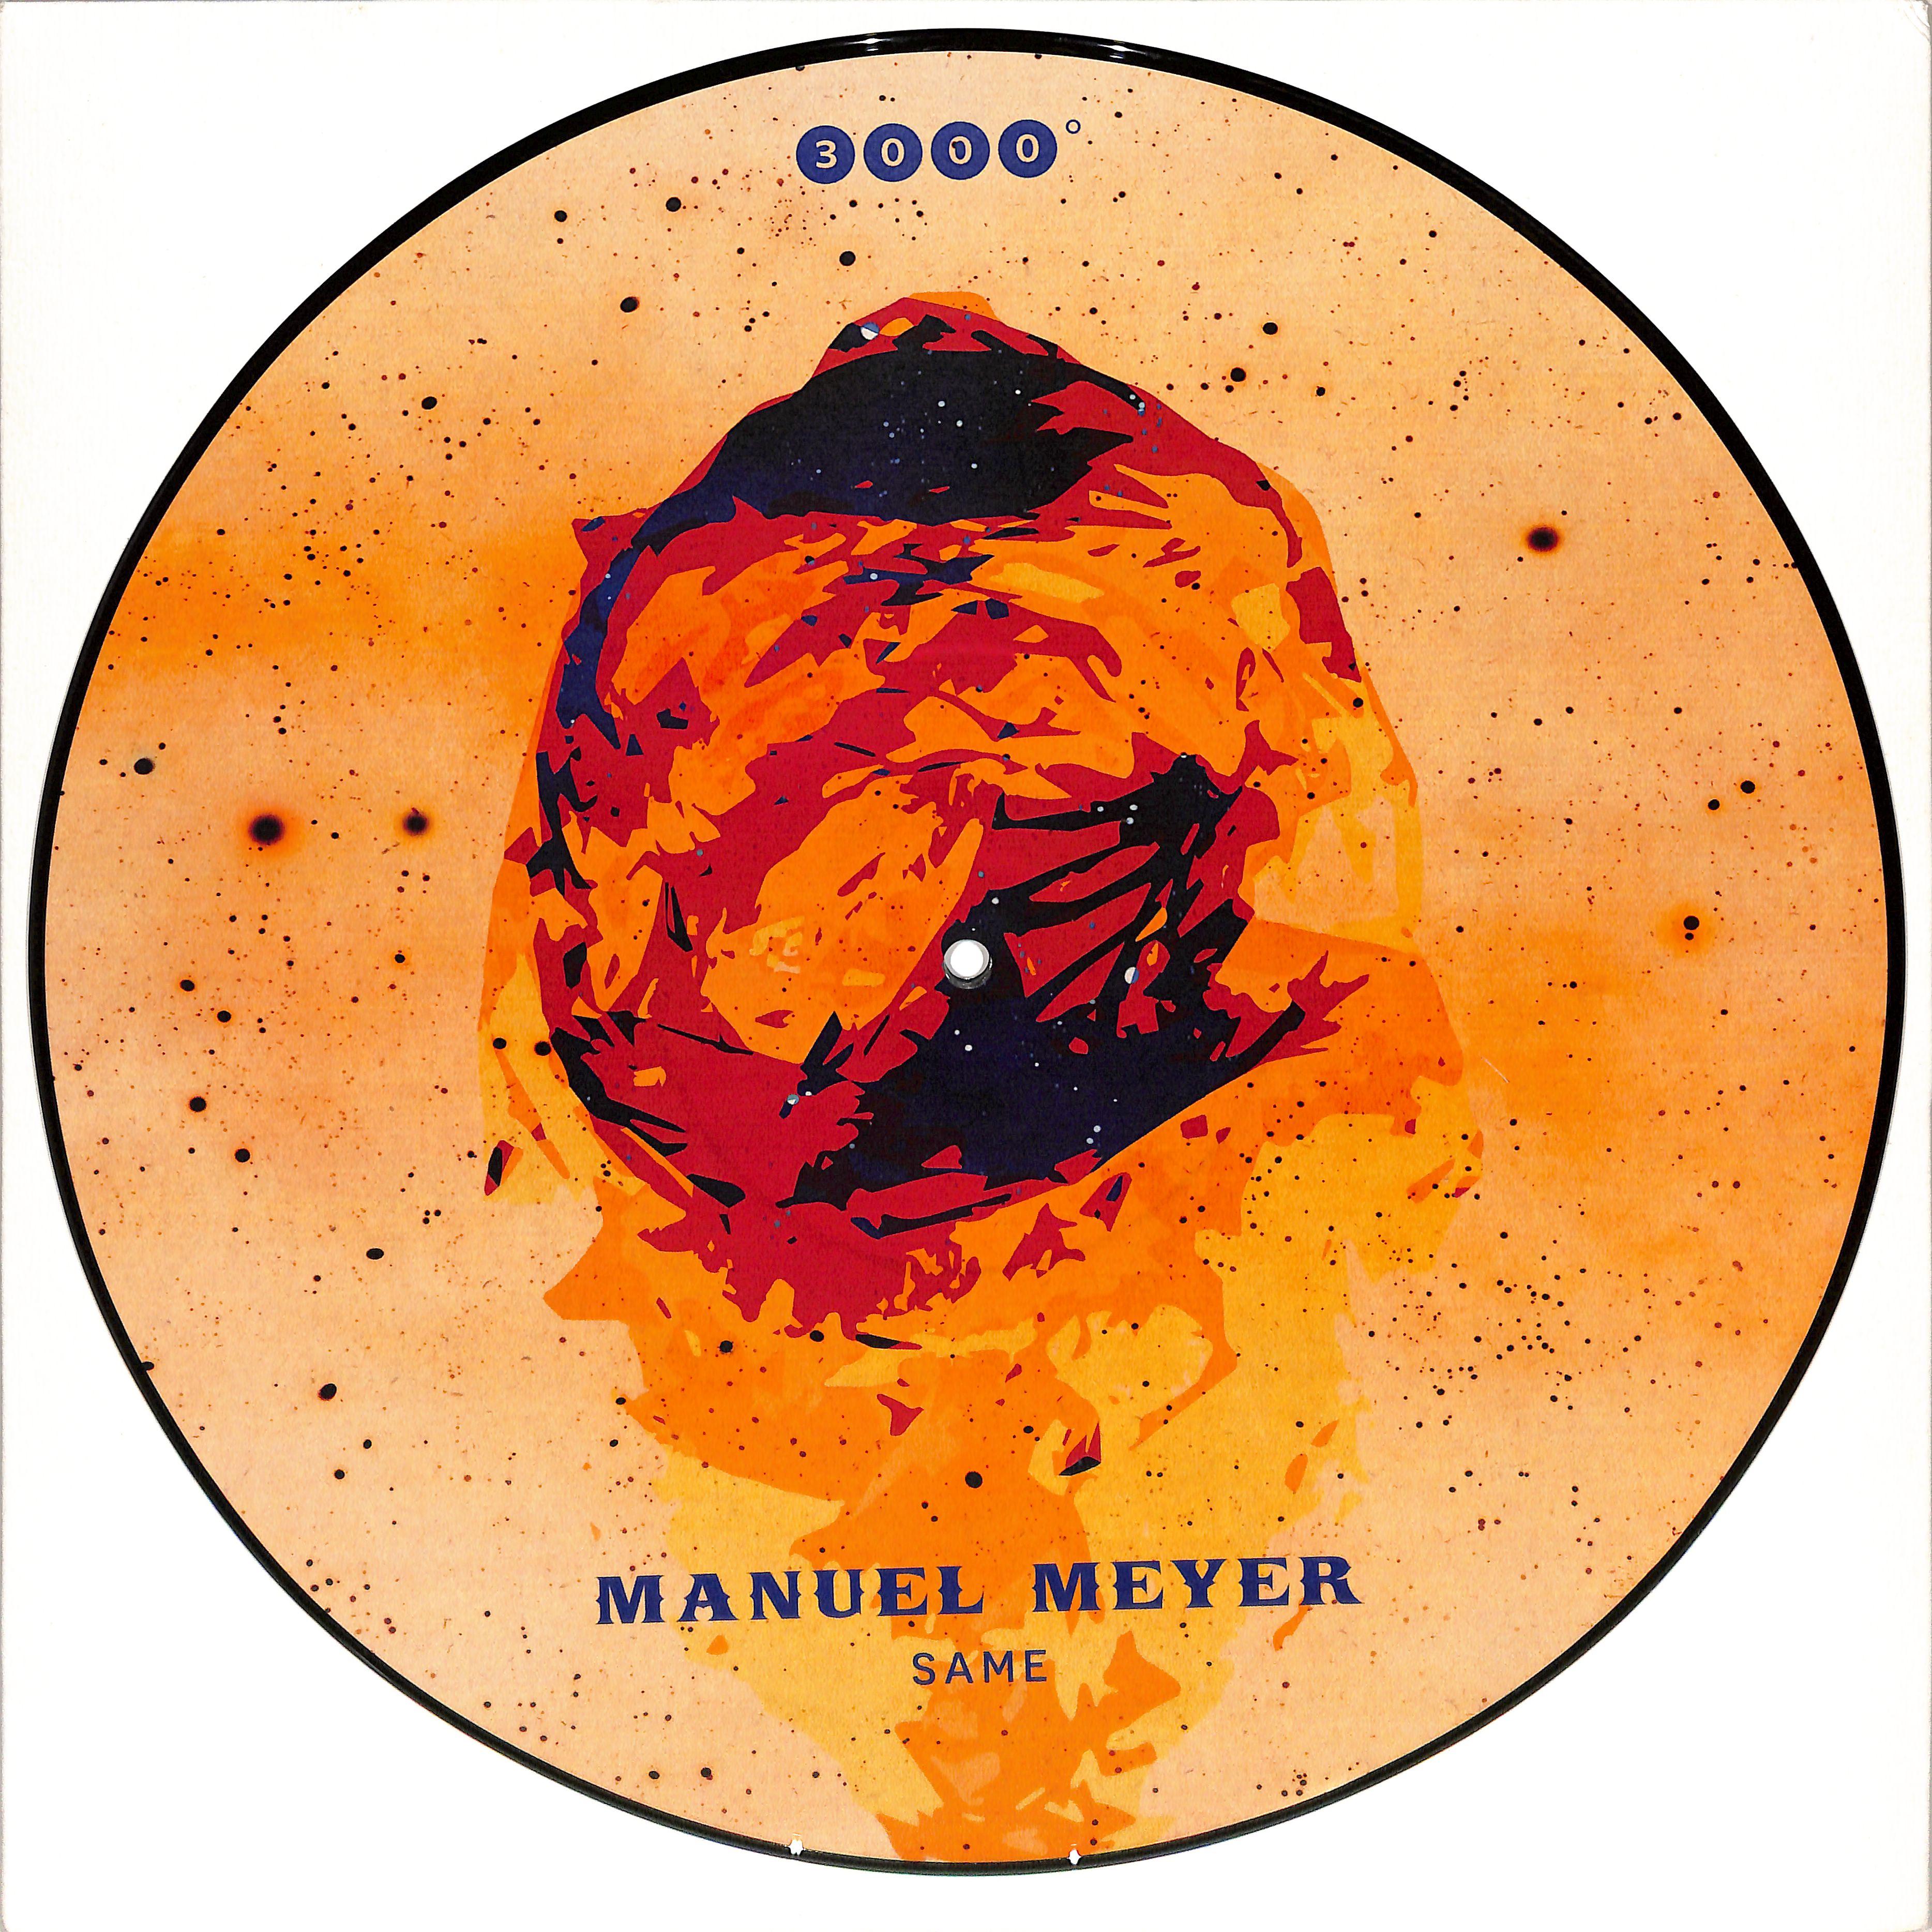 Manuel Meyer - SAME